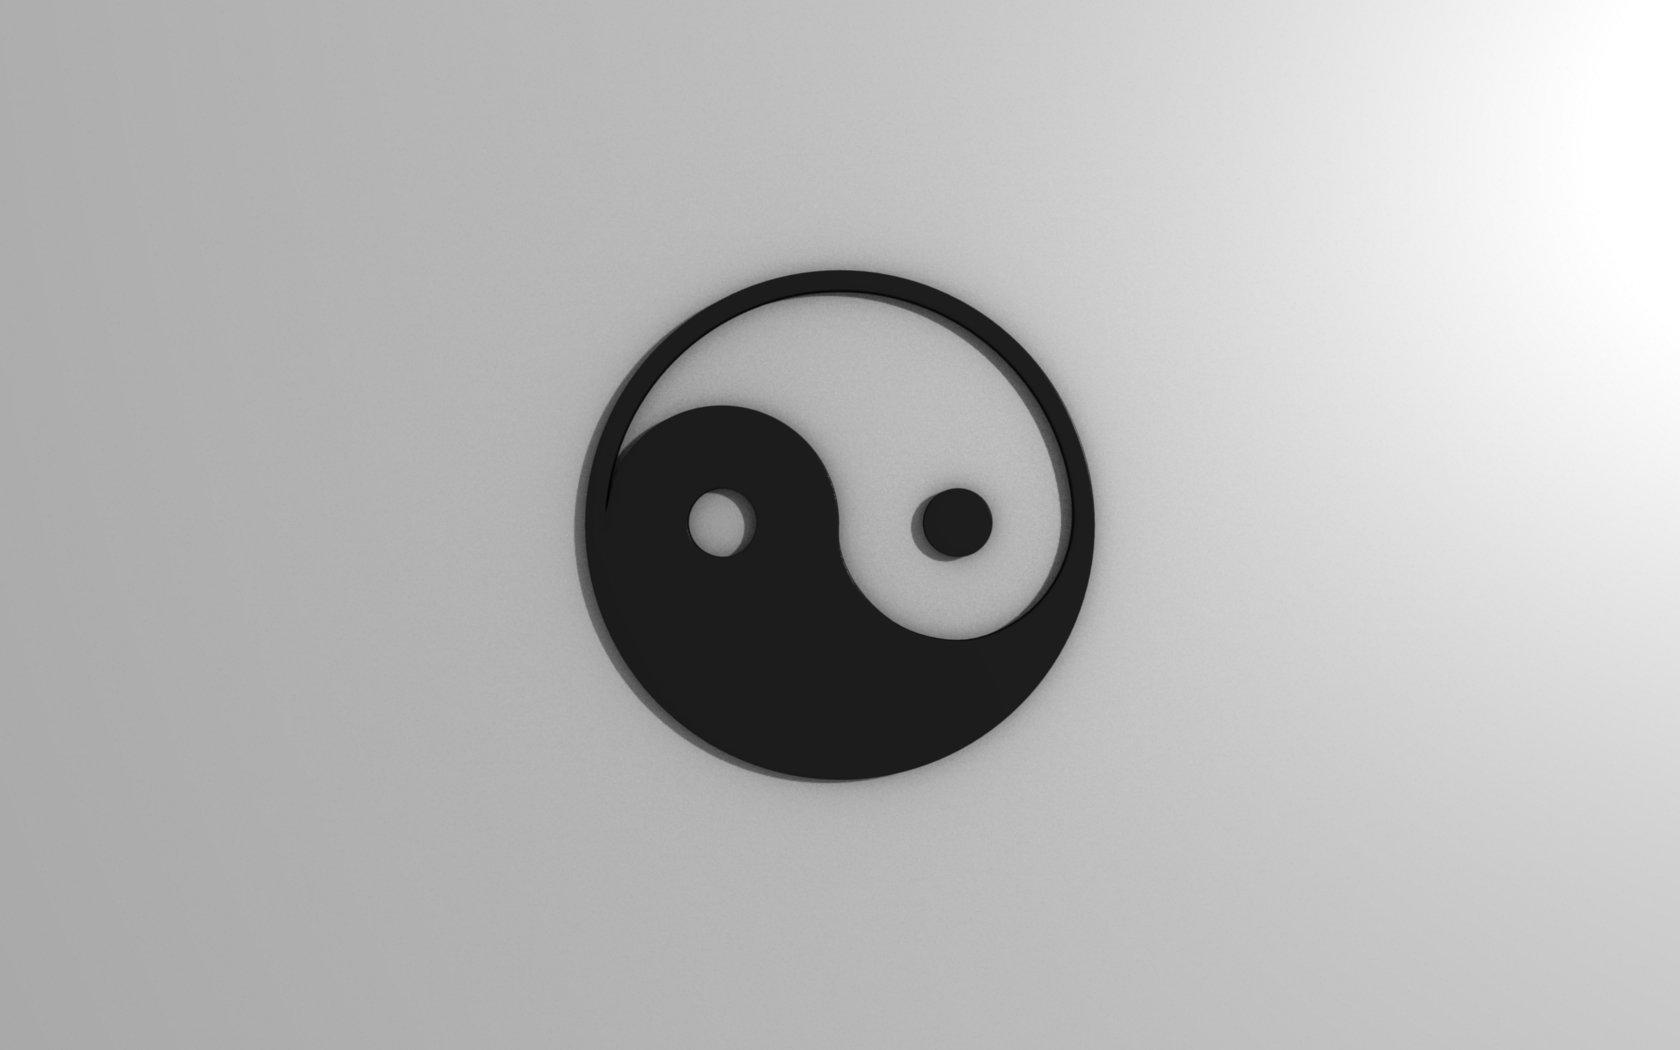 Ying Yang Wallpaper by CorpseArt 1680x1050